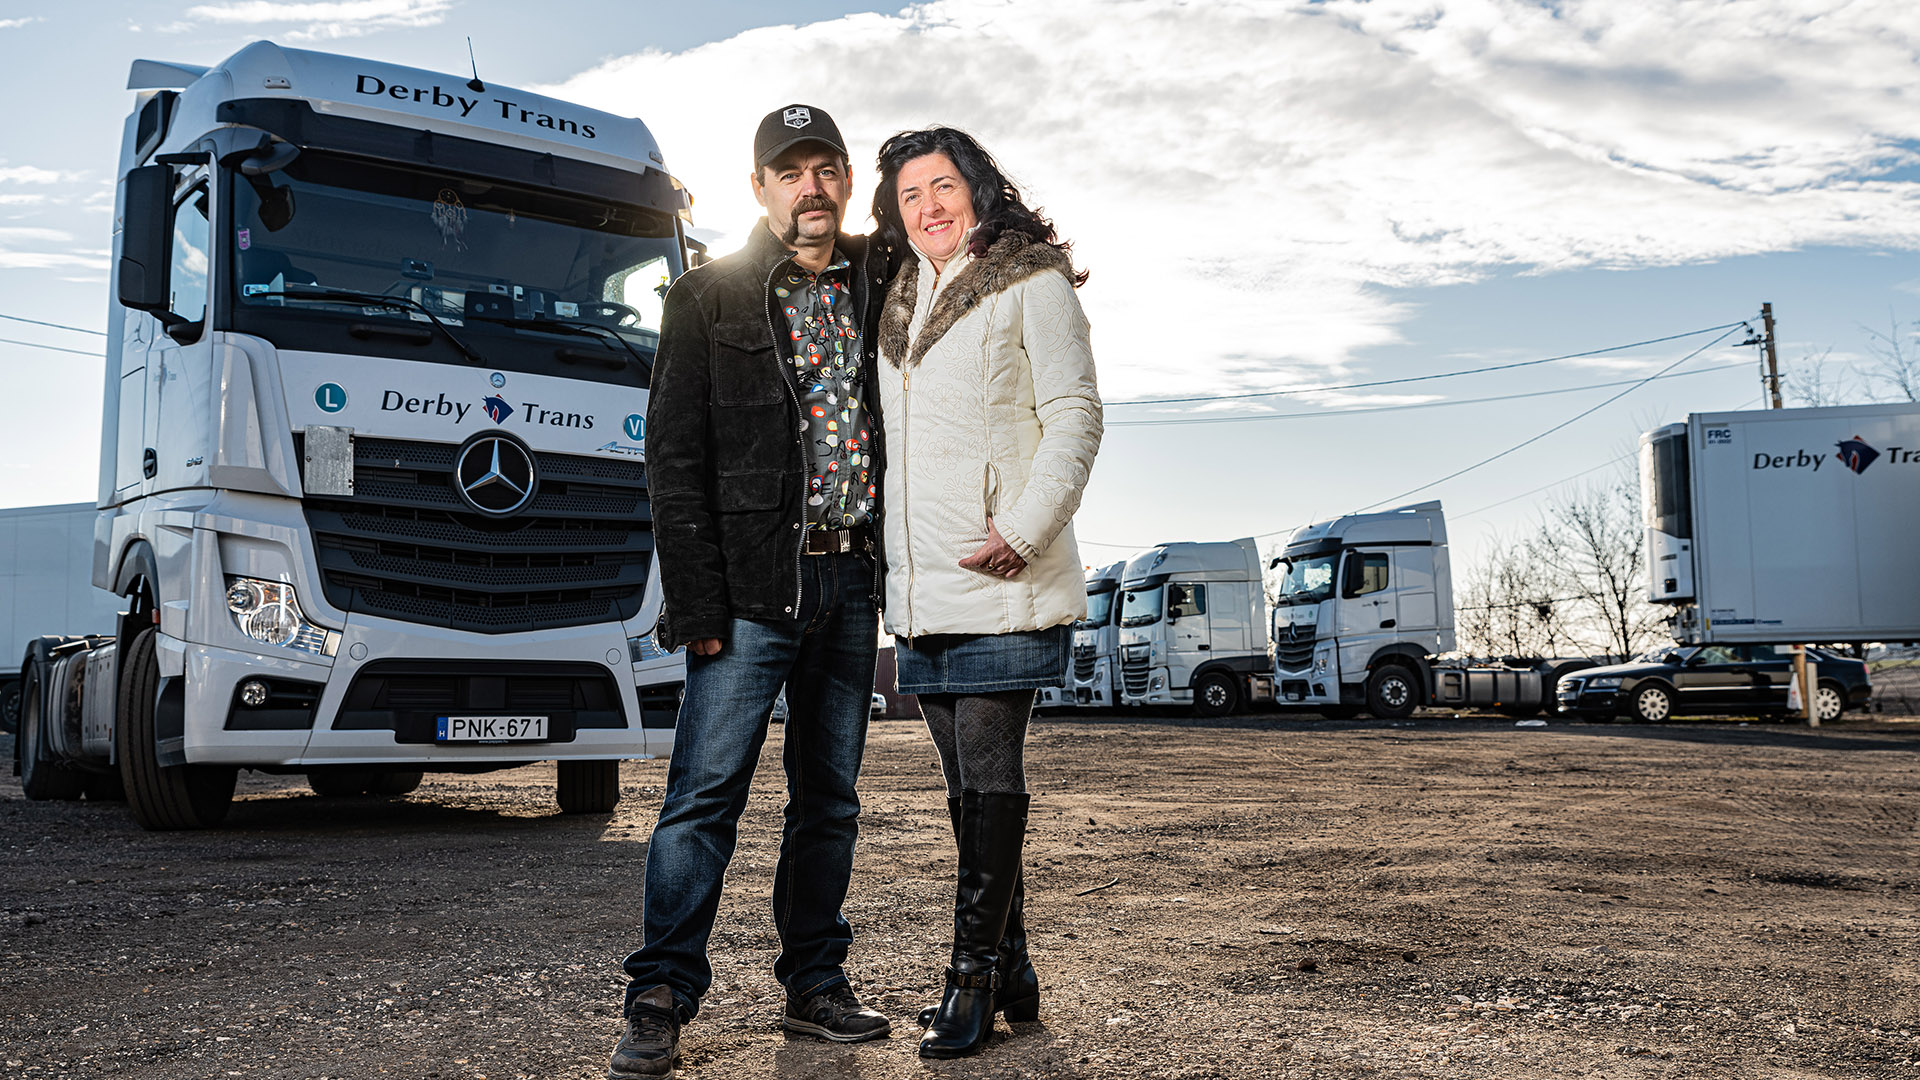 bántalmazó kapcsolat kamionozás korkülönbség lelki társak licska ildikó nemzetközi kamionsofőr önbizalom ruhajavítások szerelem válás